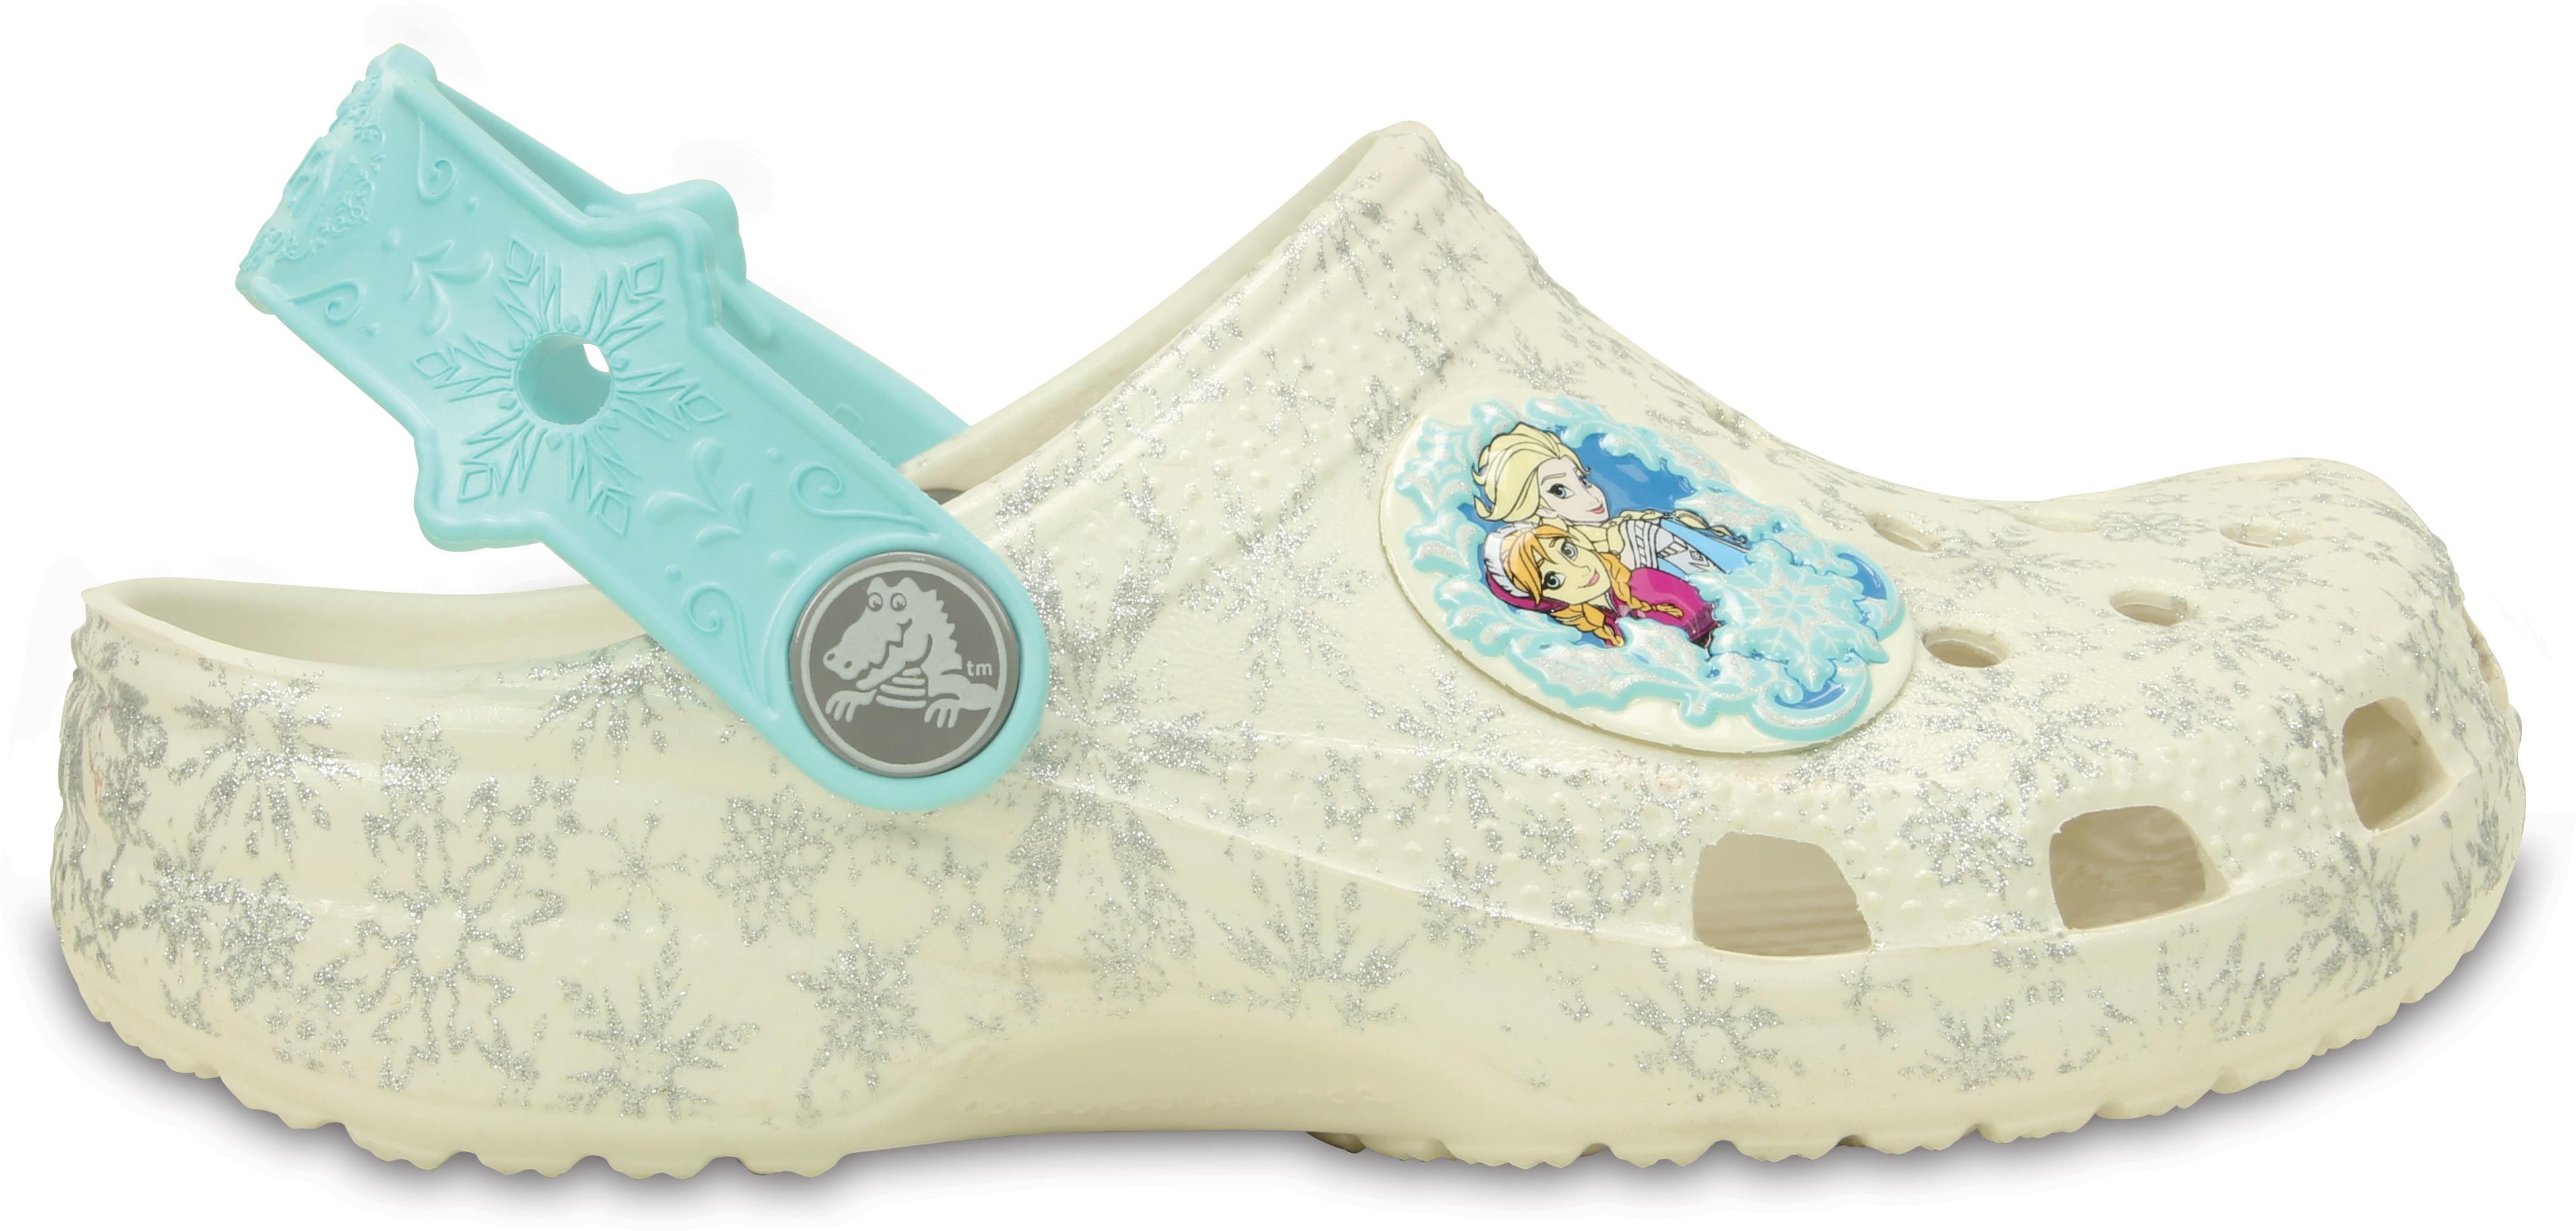 1a4ead9adf0 Crocs Classic Frozen Clog Kids - Oyster C4C5 - vel.20